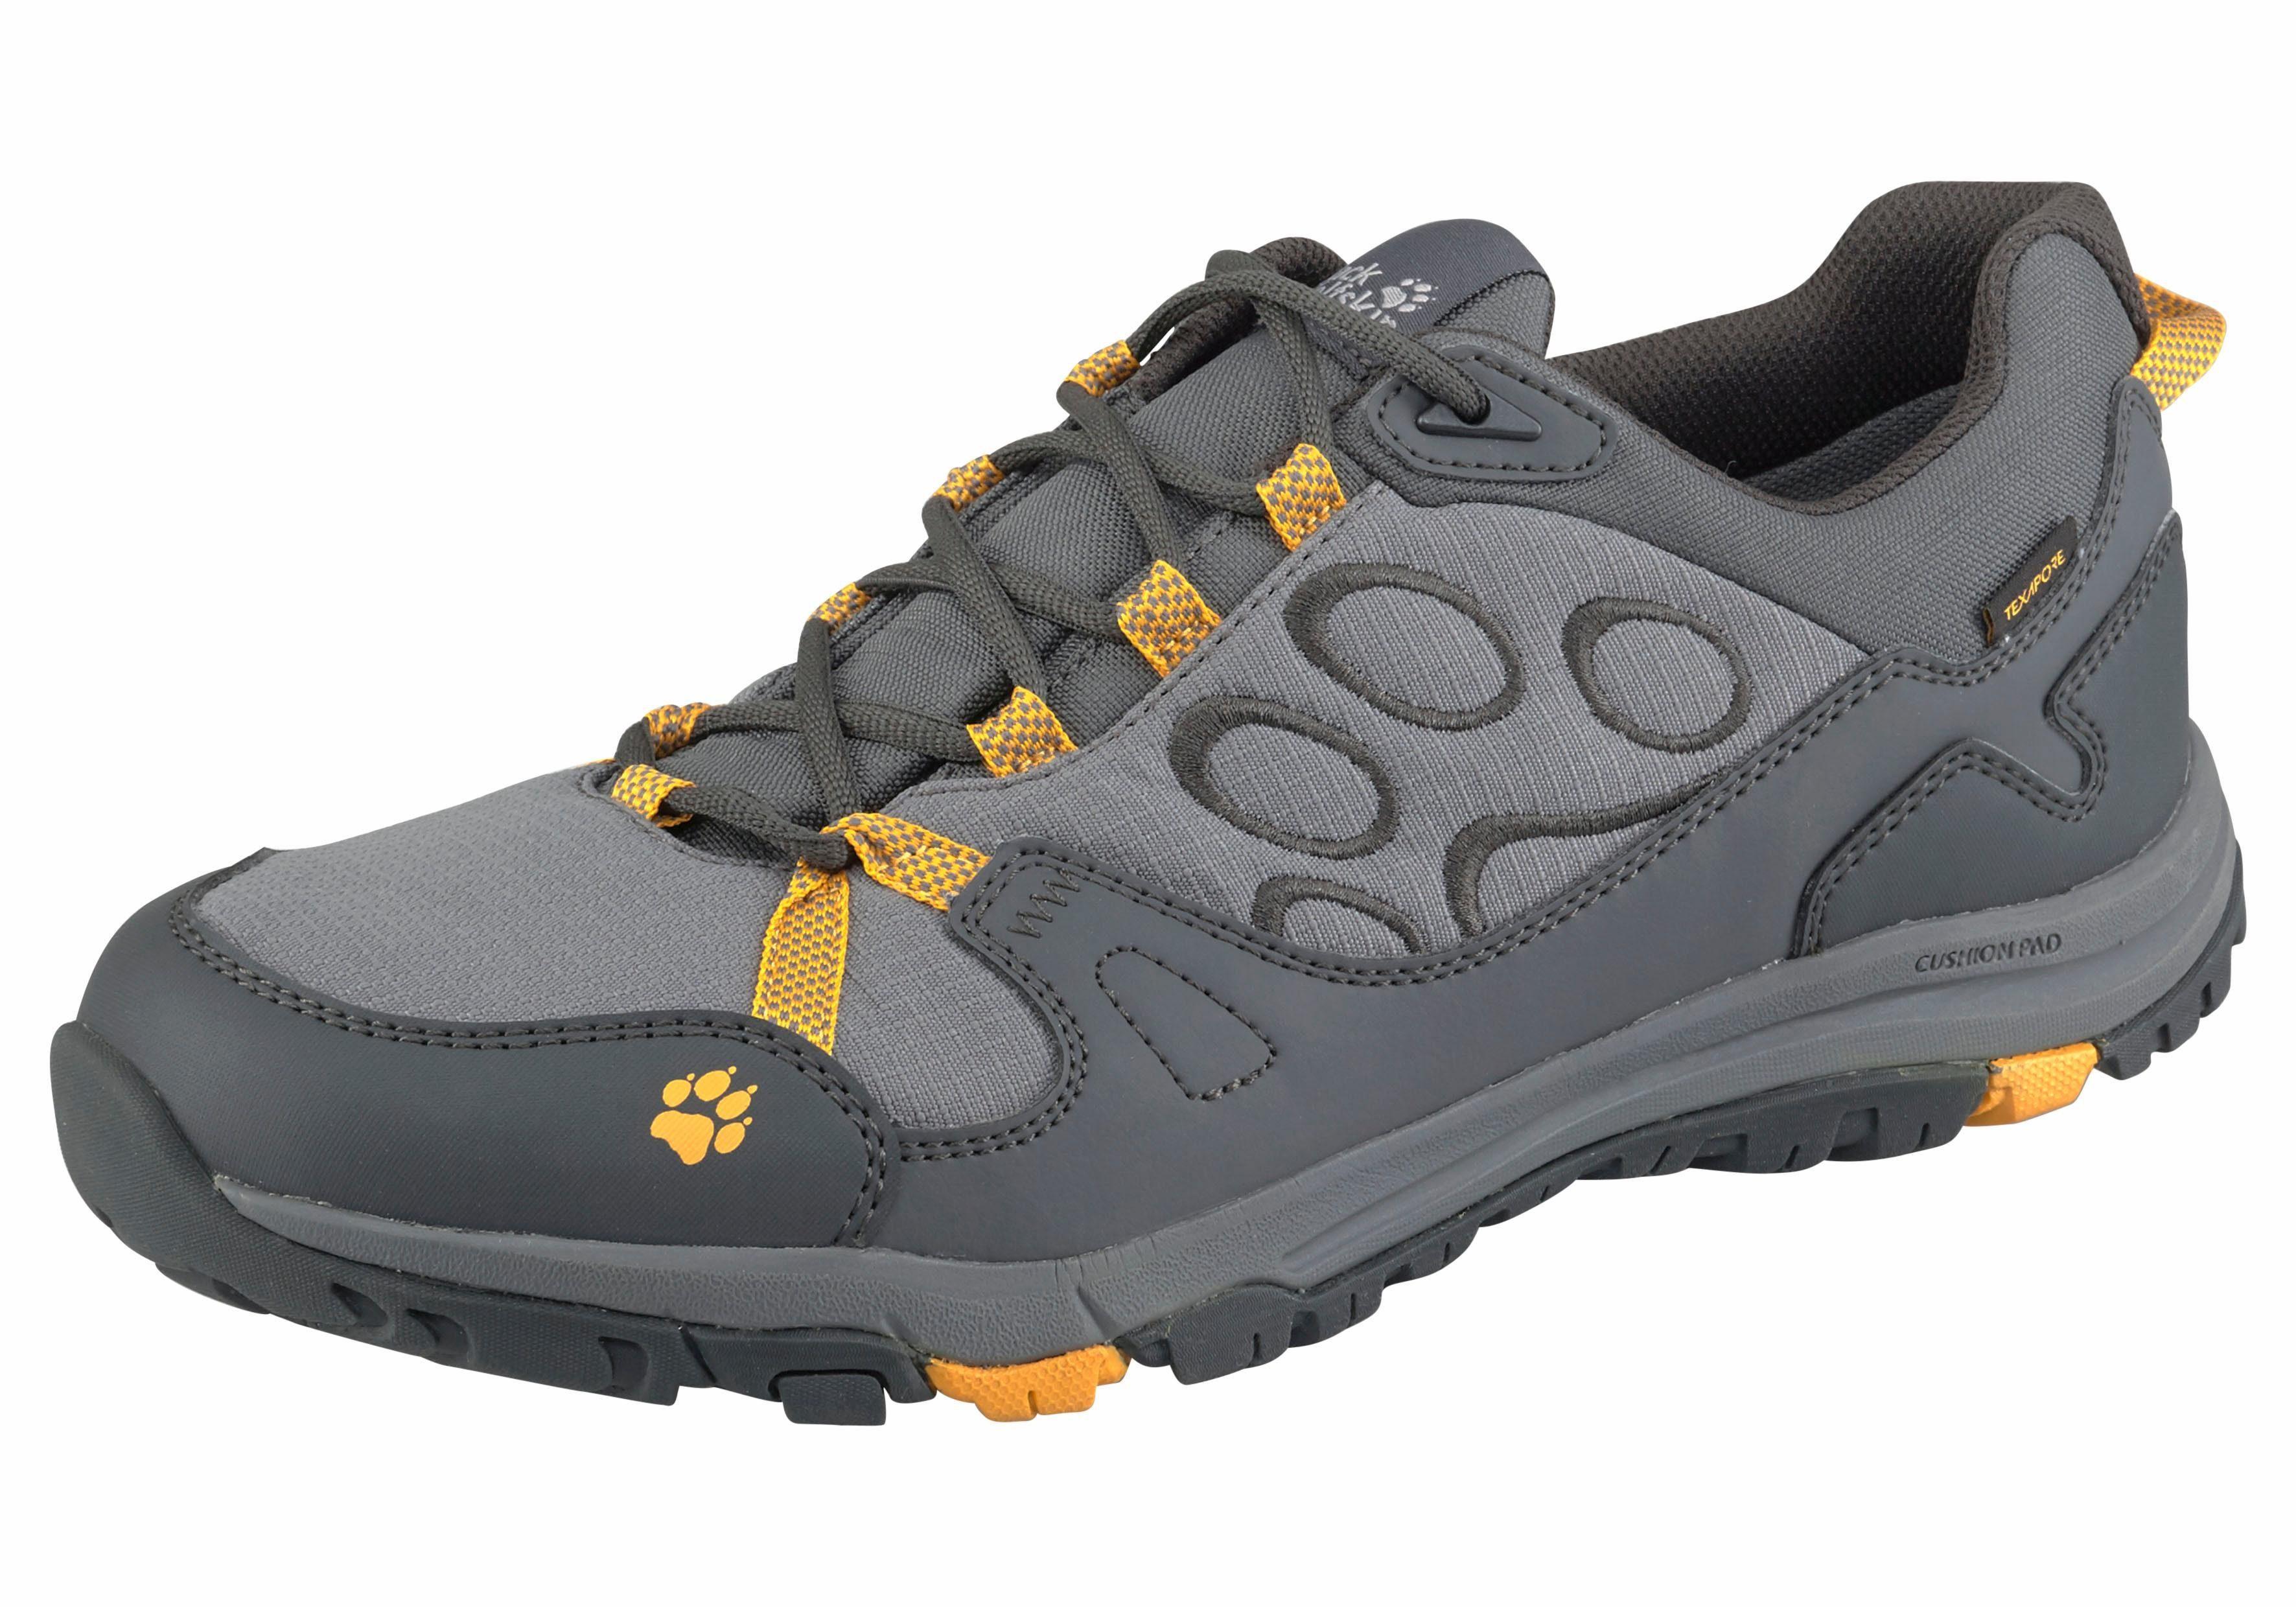 Jack Wolfskin Activate Texapore Low M Outdoorschuh online kaufen  grau-gelb